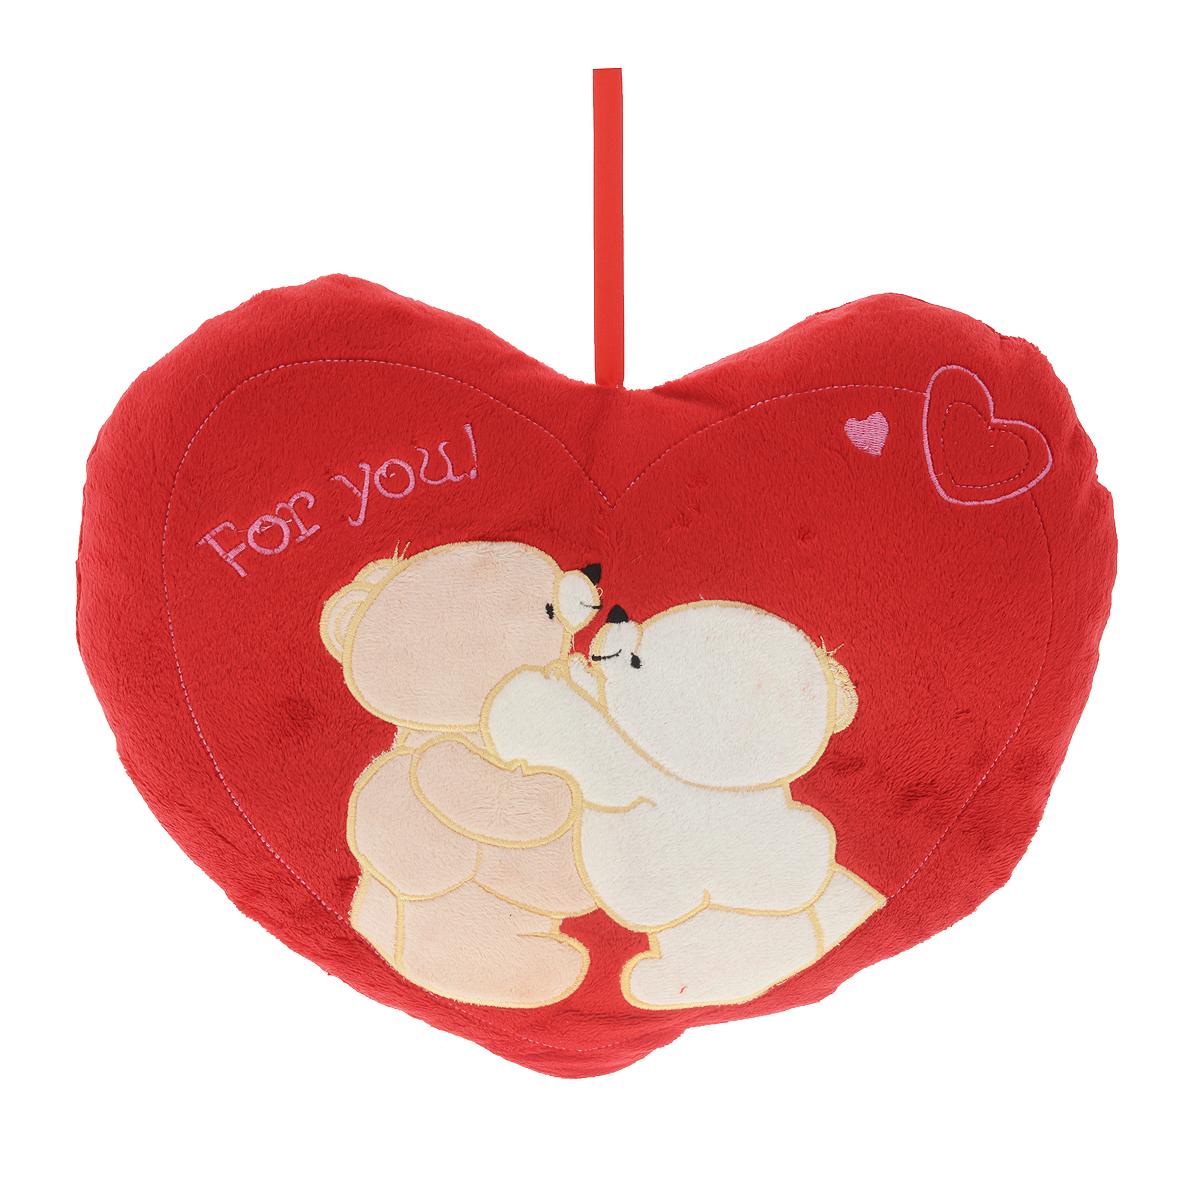 Подушка декоративная Сердце-3, мишкиCLP446Декоративная подушка Сердце-3 выполнена из искусственного меха красного цвета и украшена аппликацией. Петля в верхней части позволит повесить подушку в удобном для вас месте.Такая подушка будет прекрасным подарком вашим родным и друзьям.